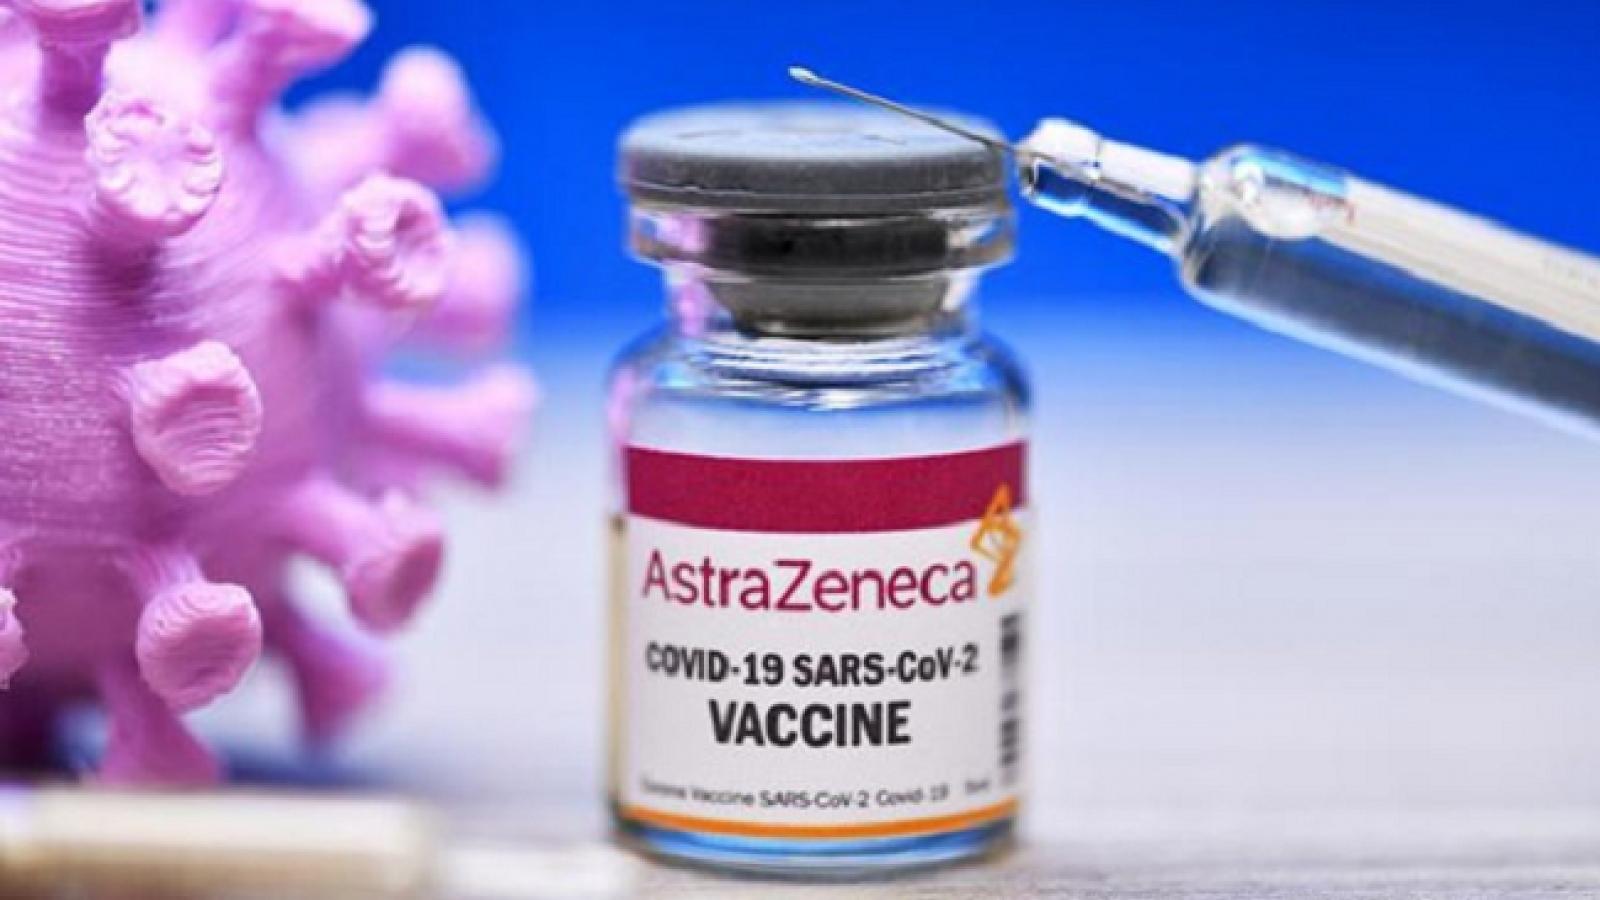 Italy tiếp tục viện trợ bổ sung 796,000 liều vaccine Covid-19 cho Việt Nam